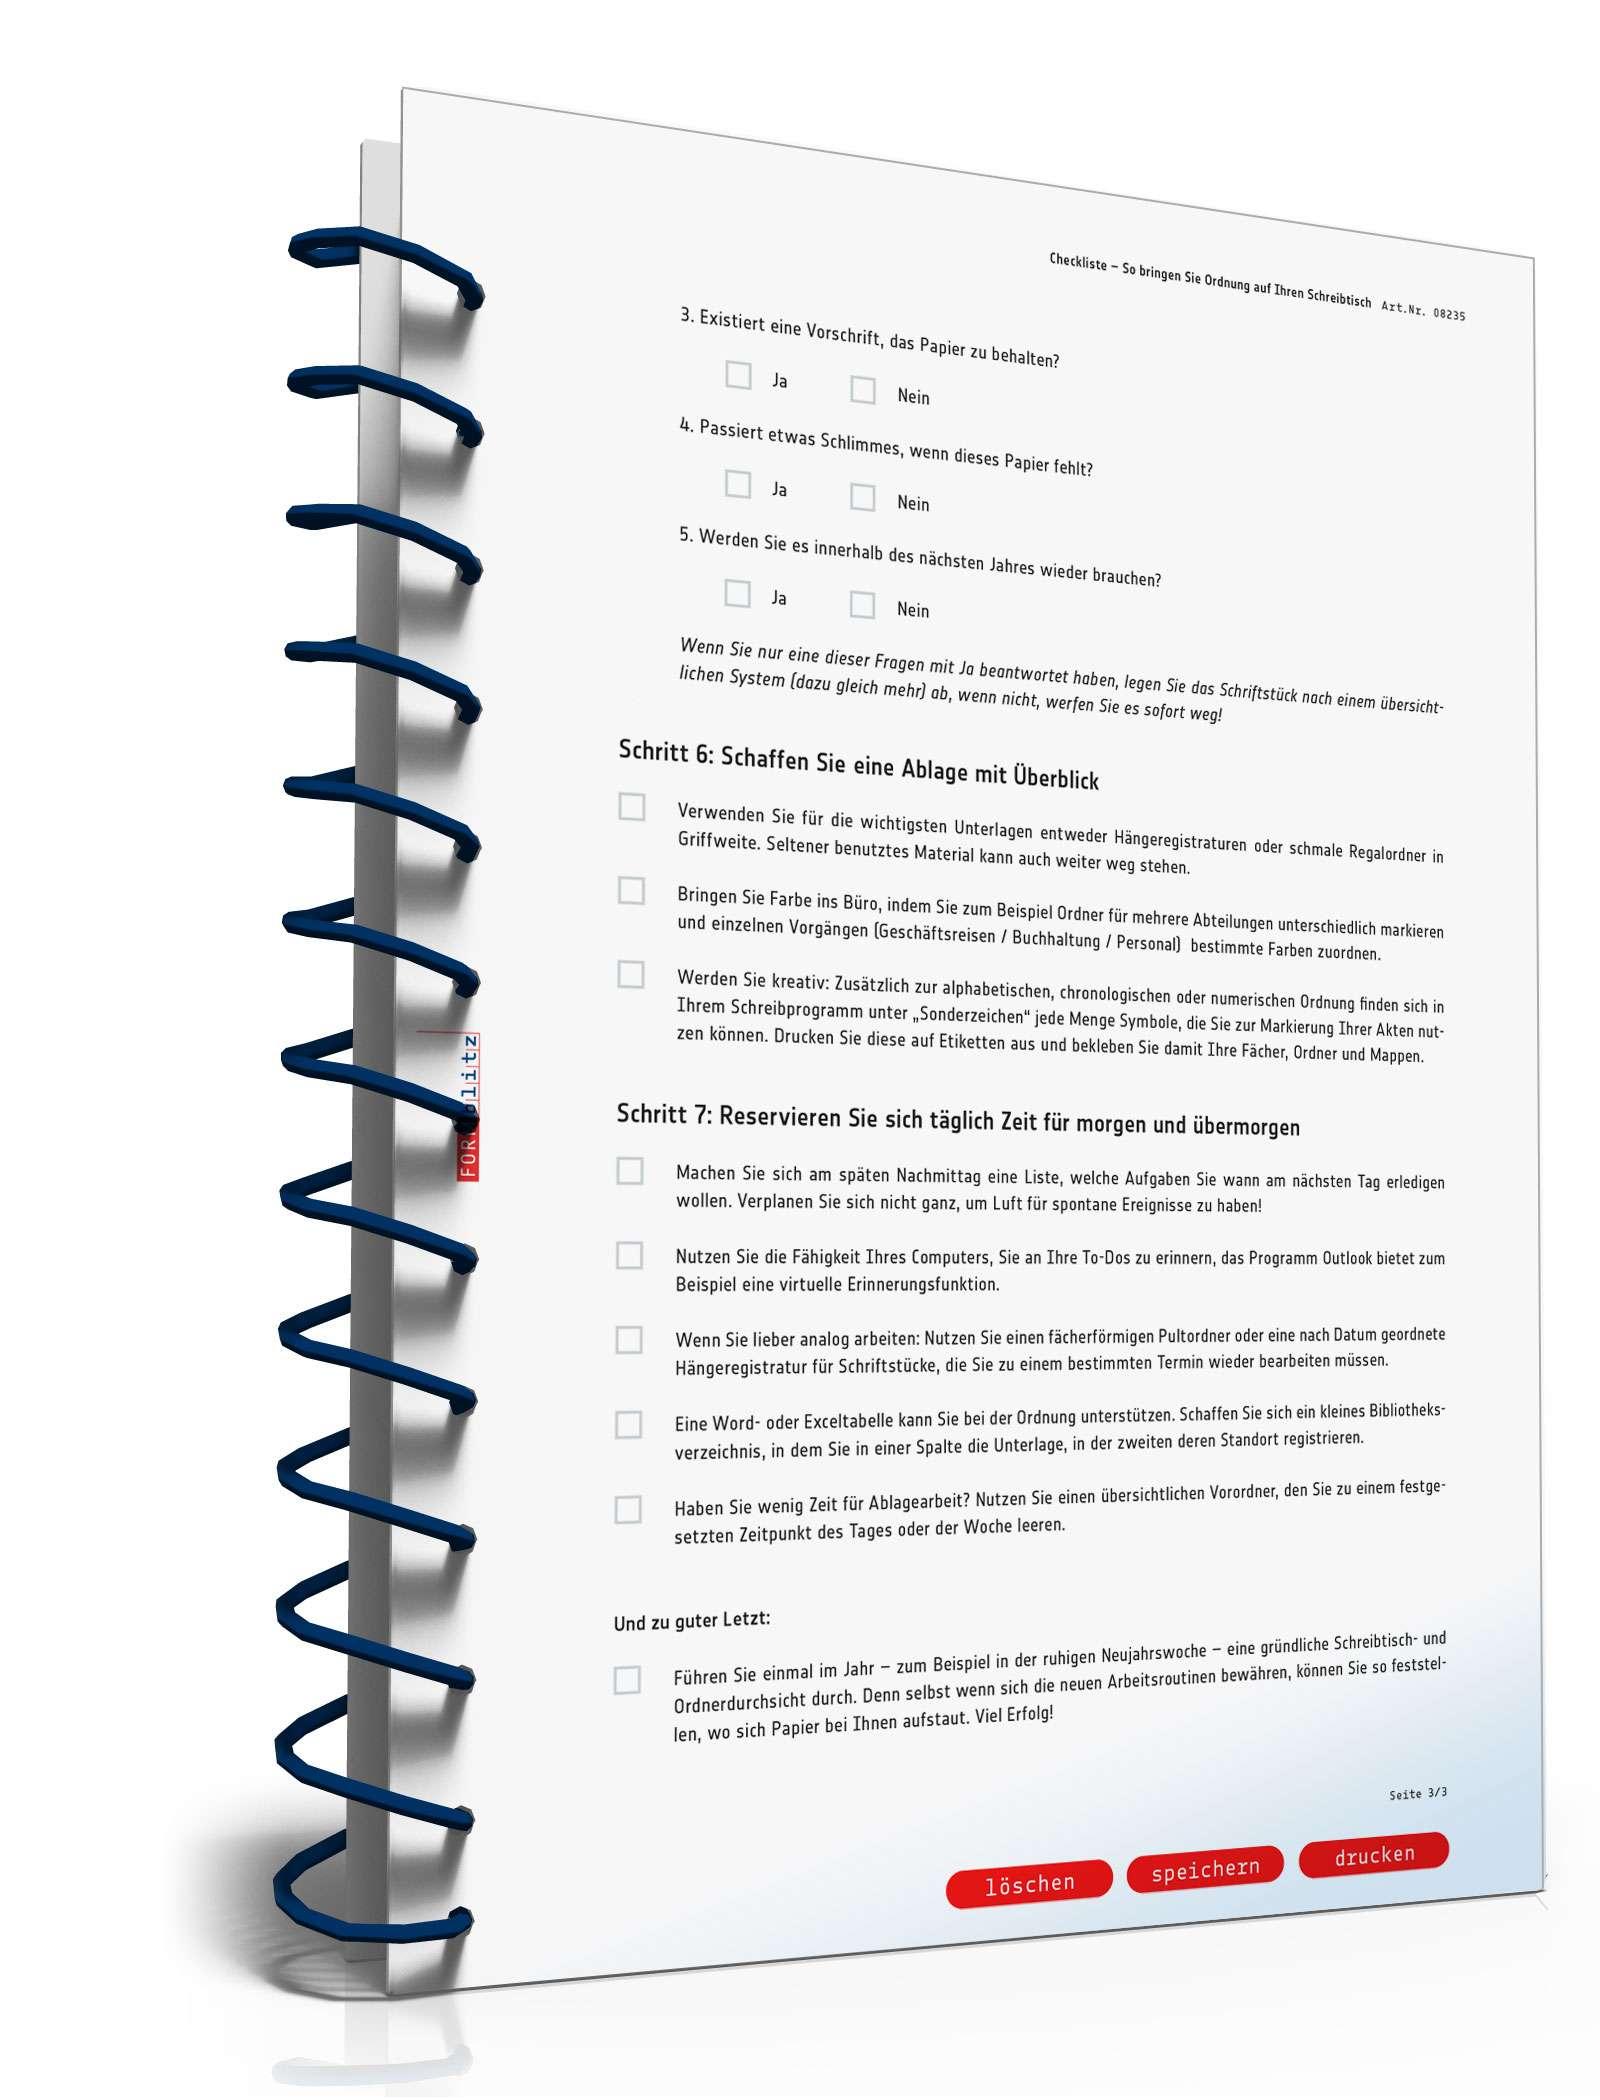 Checkliste Schreibtischordnung Muster Zum Download